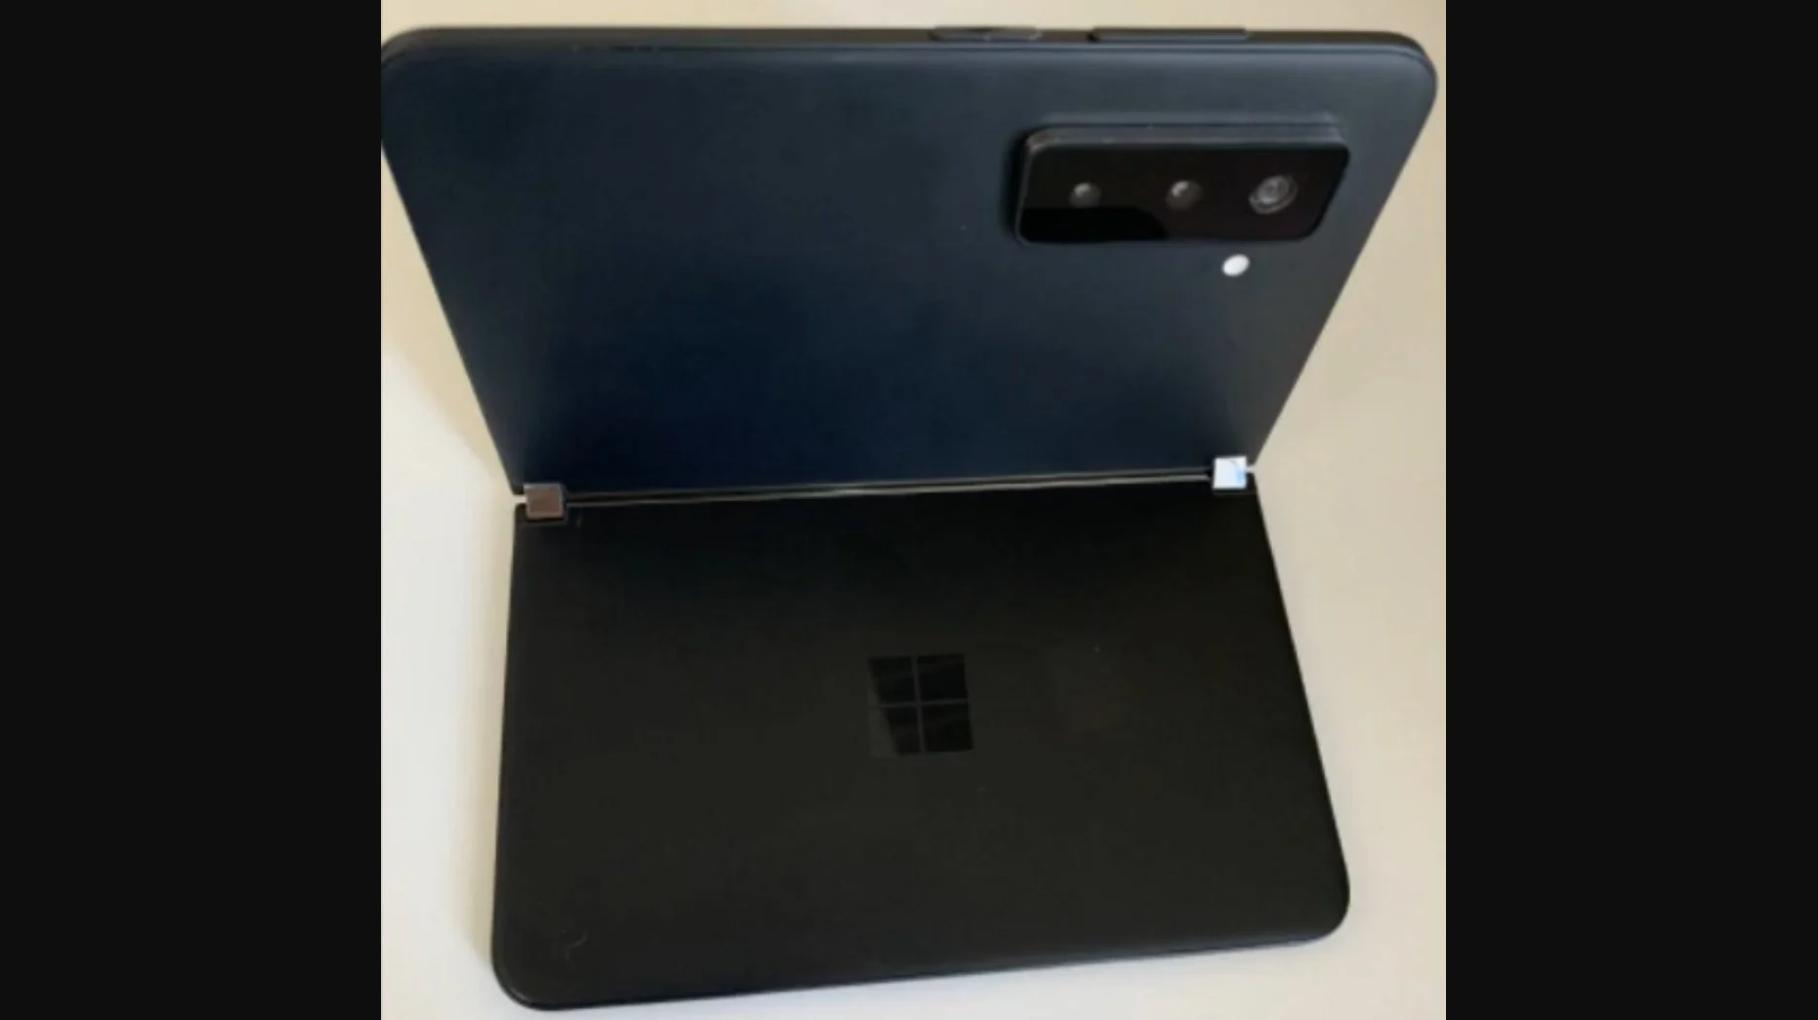 Fotos filtradas que supuestamente muestran Microsoft Surface Duo 2